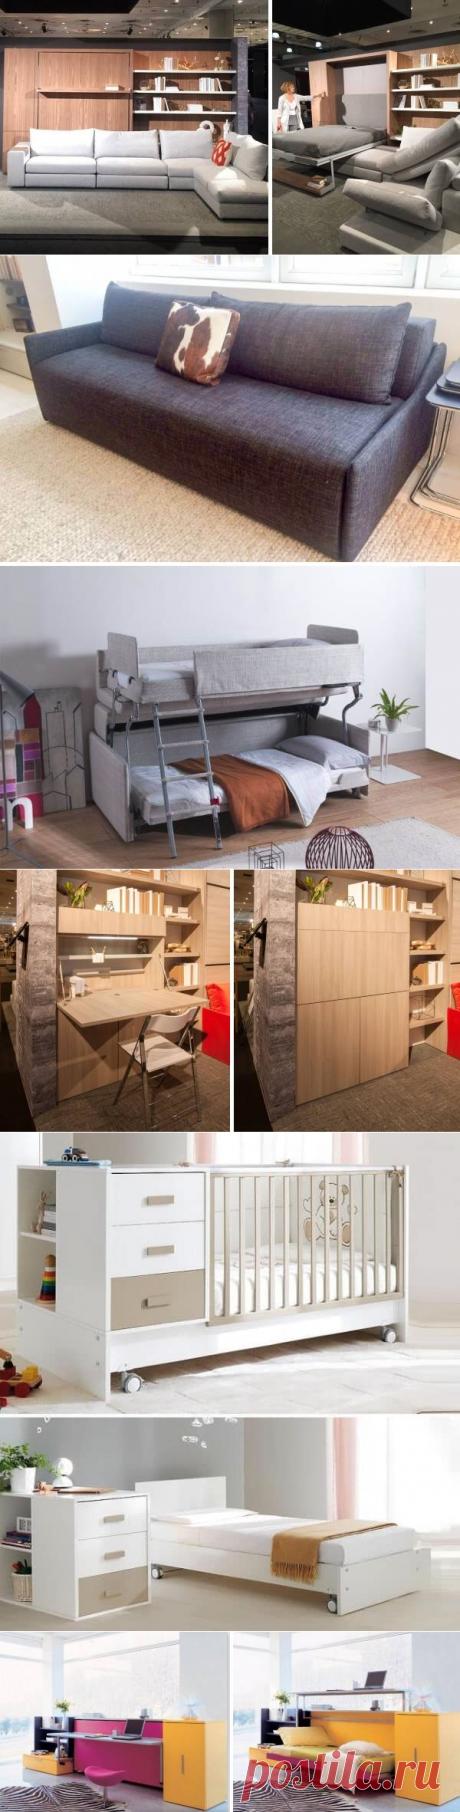 Мебель-трансформер для малогабаритной квартиры — 32 фото